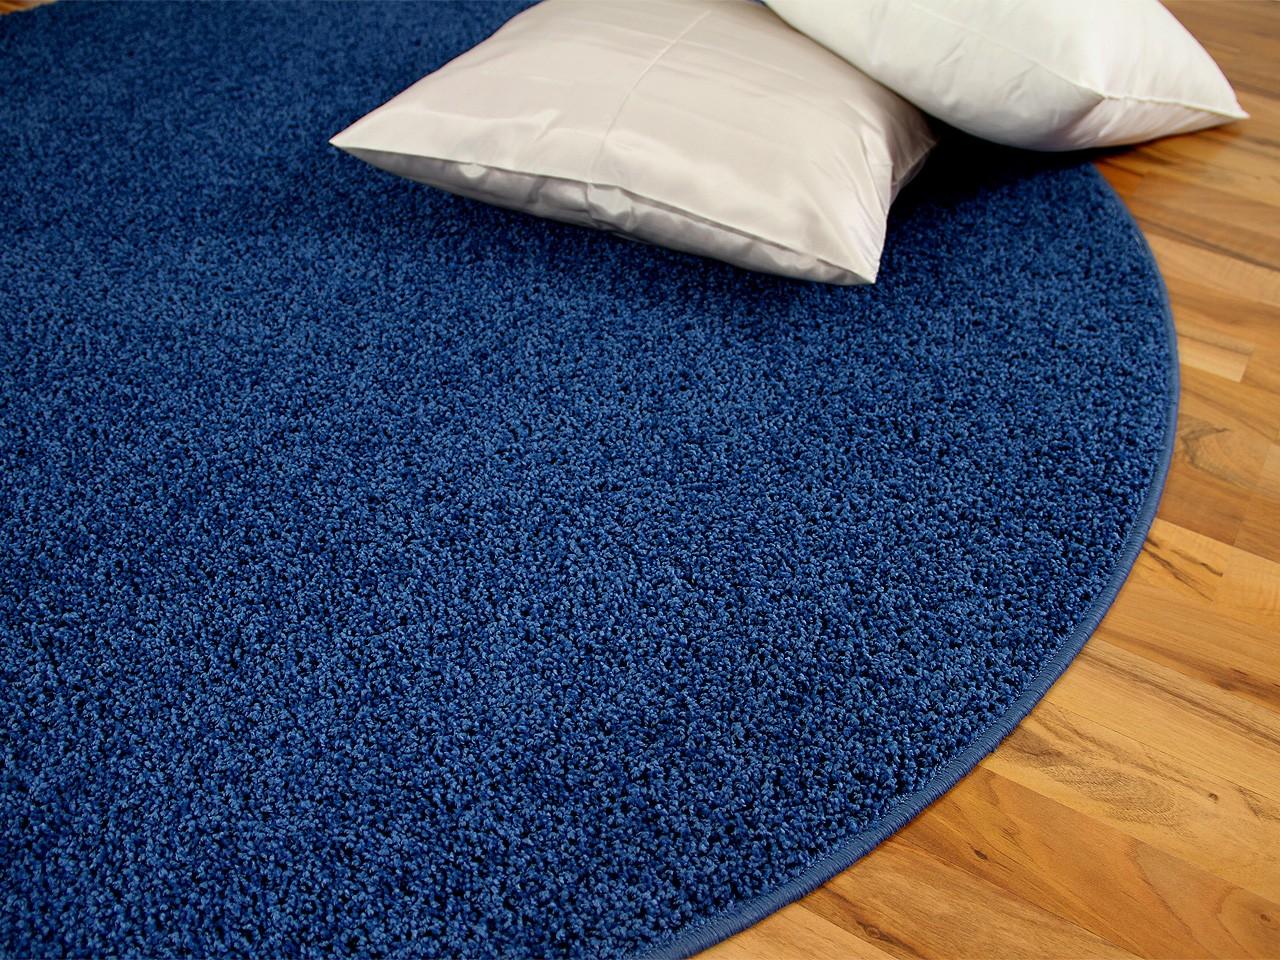 sebra teppich rund blau innenr ume und m bel ideen. Black Bedroom Furniture Sets. Home Design Ideas